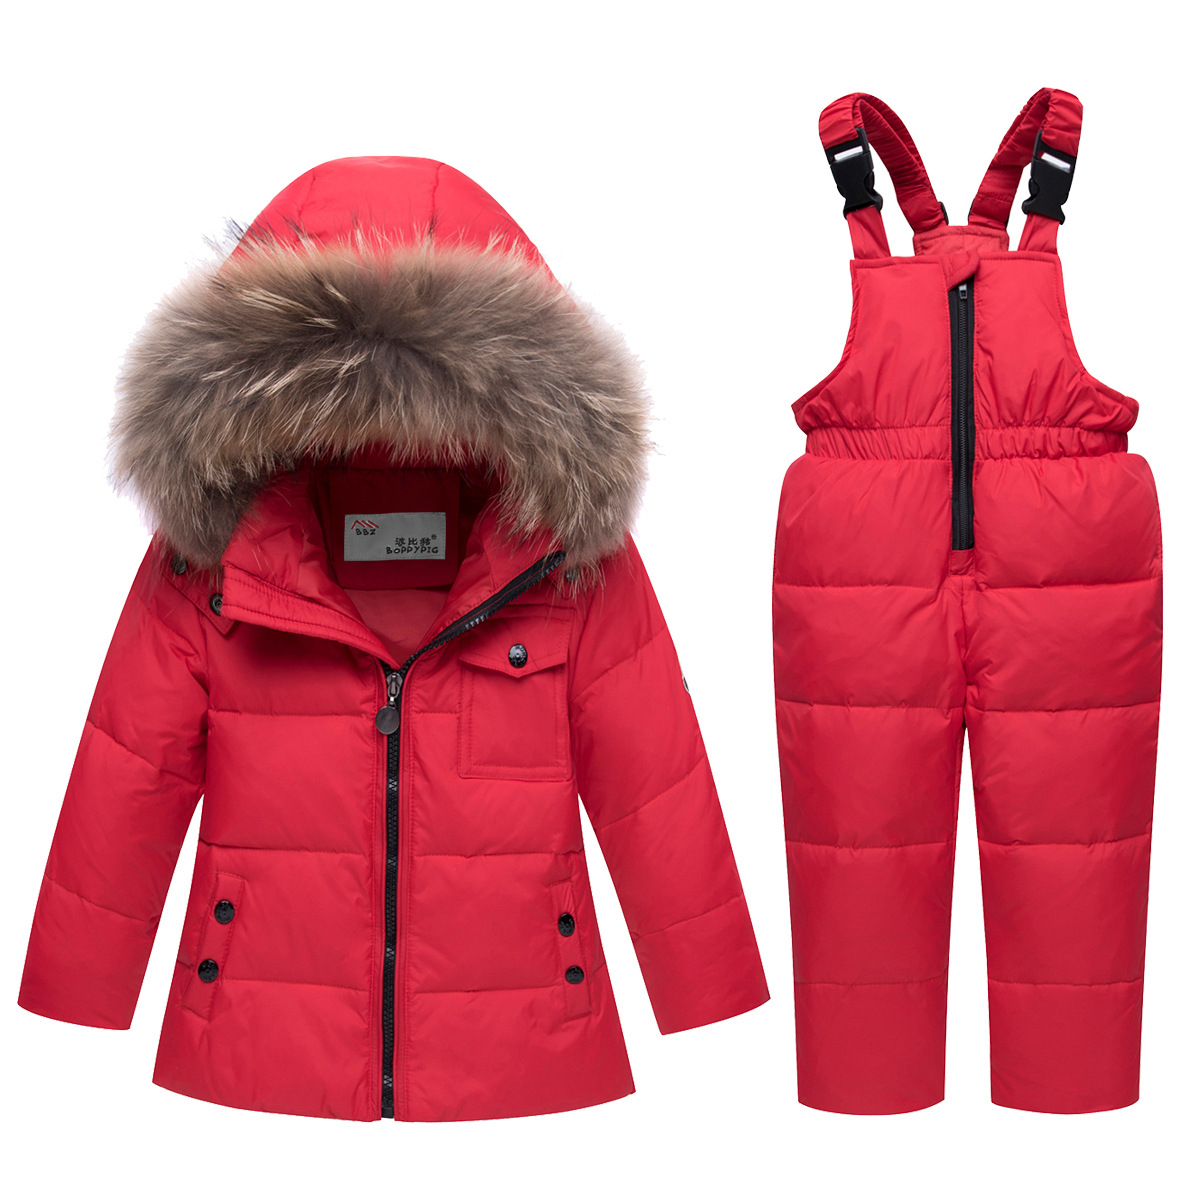 Russe hiver costumes pour garçons filles 2019 Ski costume enfants vêtements ensemble bébé canard doudoune manteau + salopette chaud enfants Snowsuit